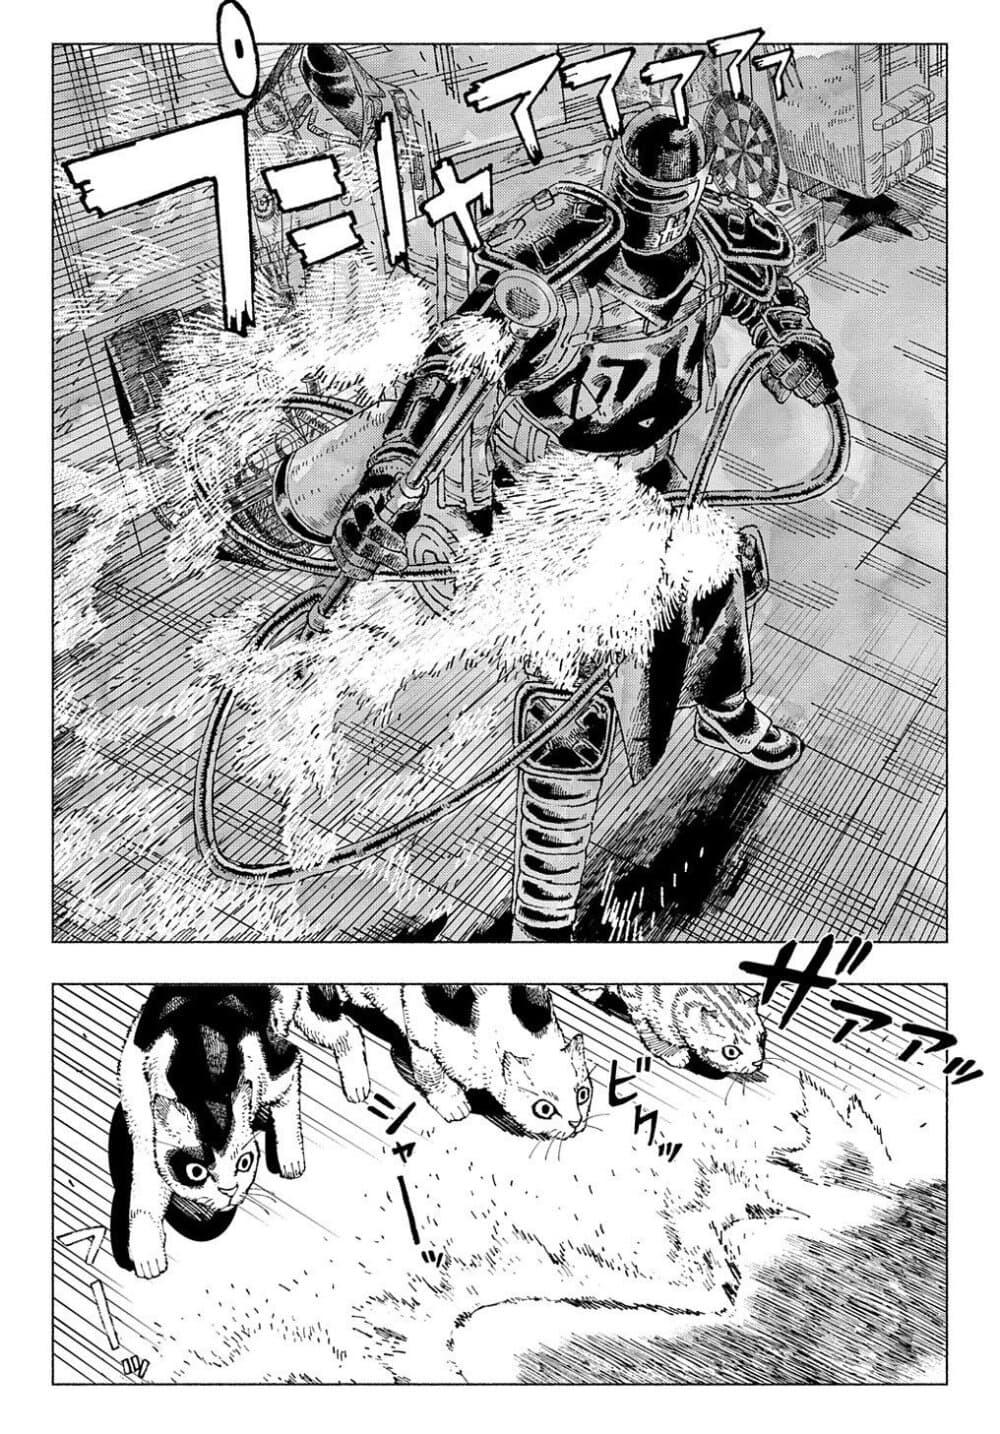 อ่านการ์ตูน Nyaight of the Living Cat ตอนที่ 1 หน้าที่ 28